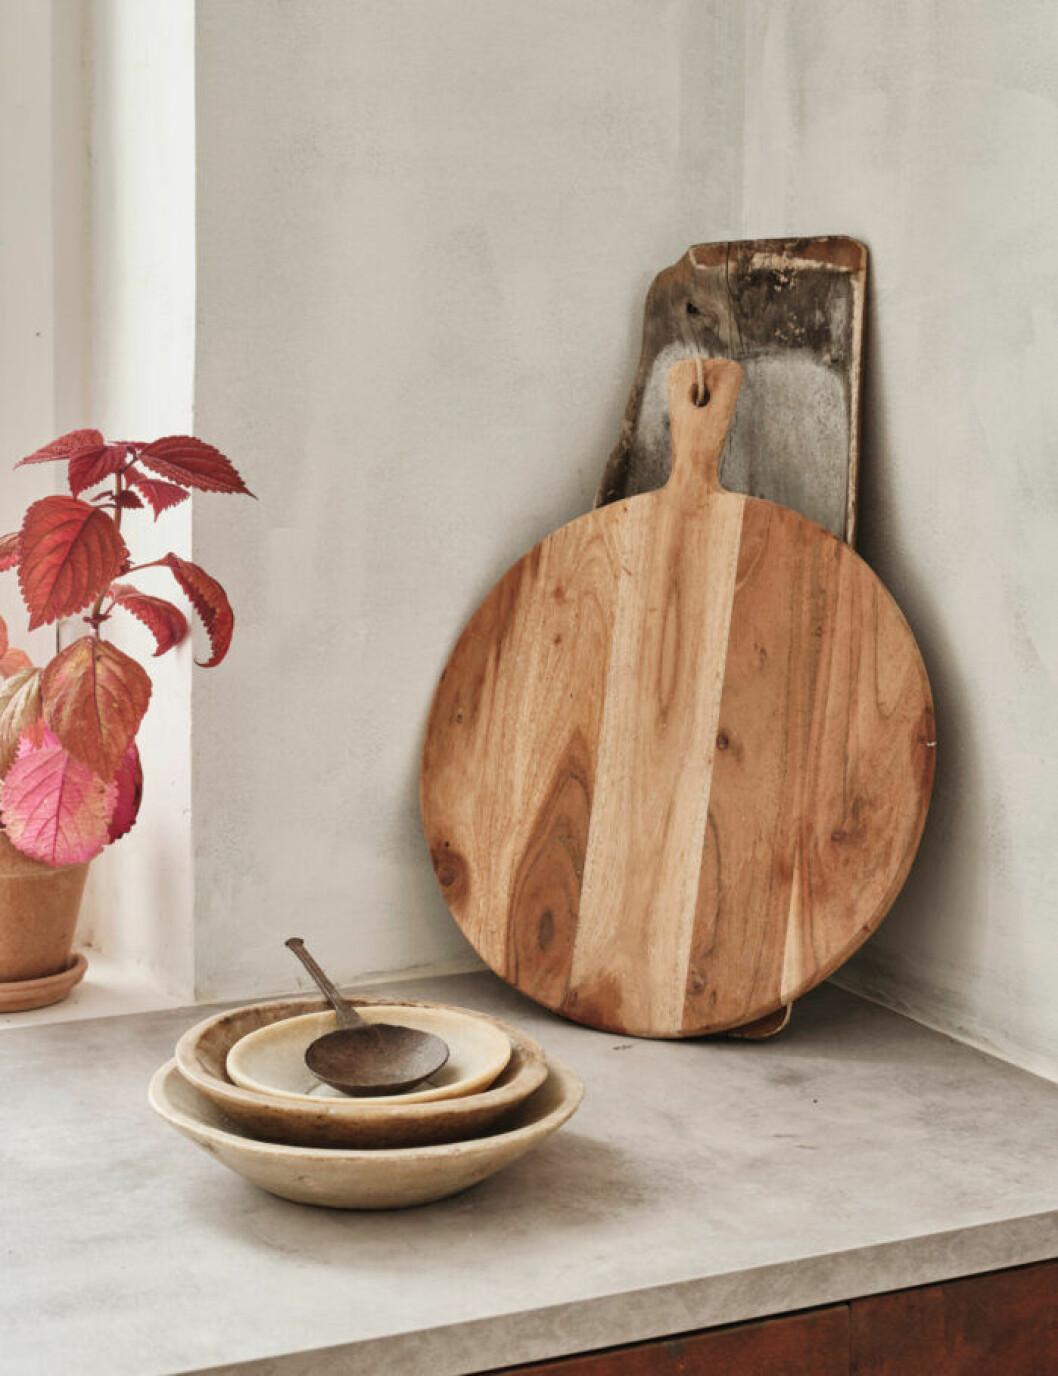 Sekelskifteslägenhet i Malmö, brun keramik i köket